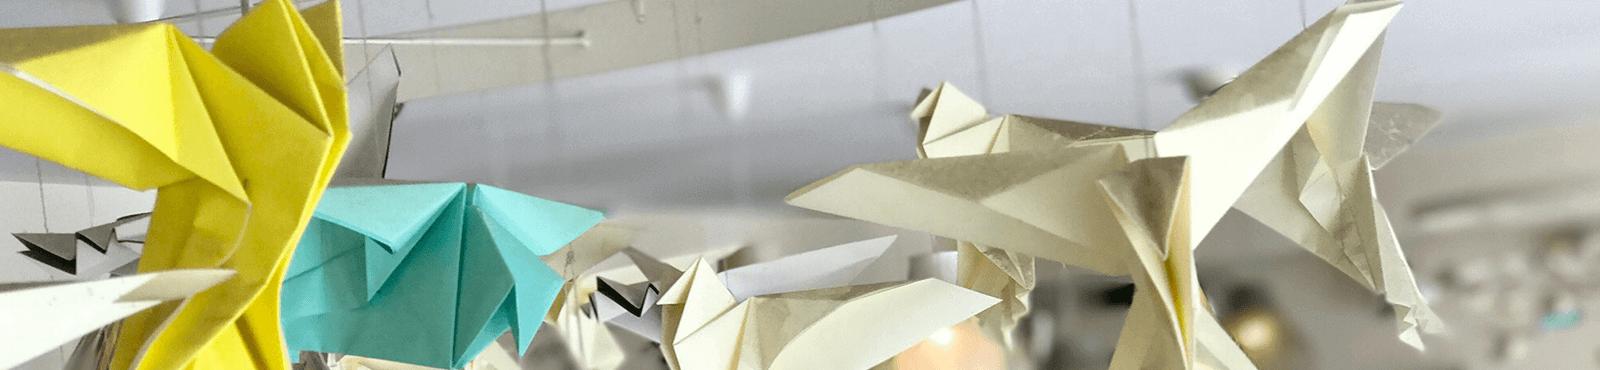 Aufbewahrungsfristen für Dokumente